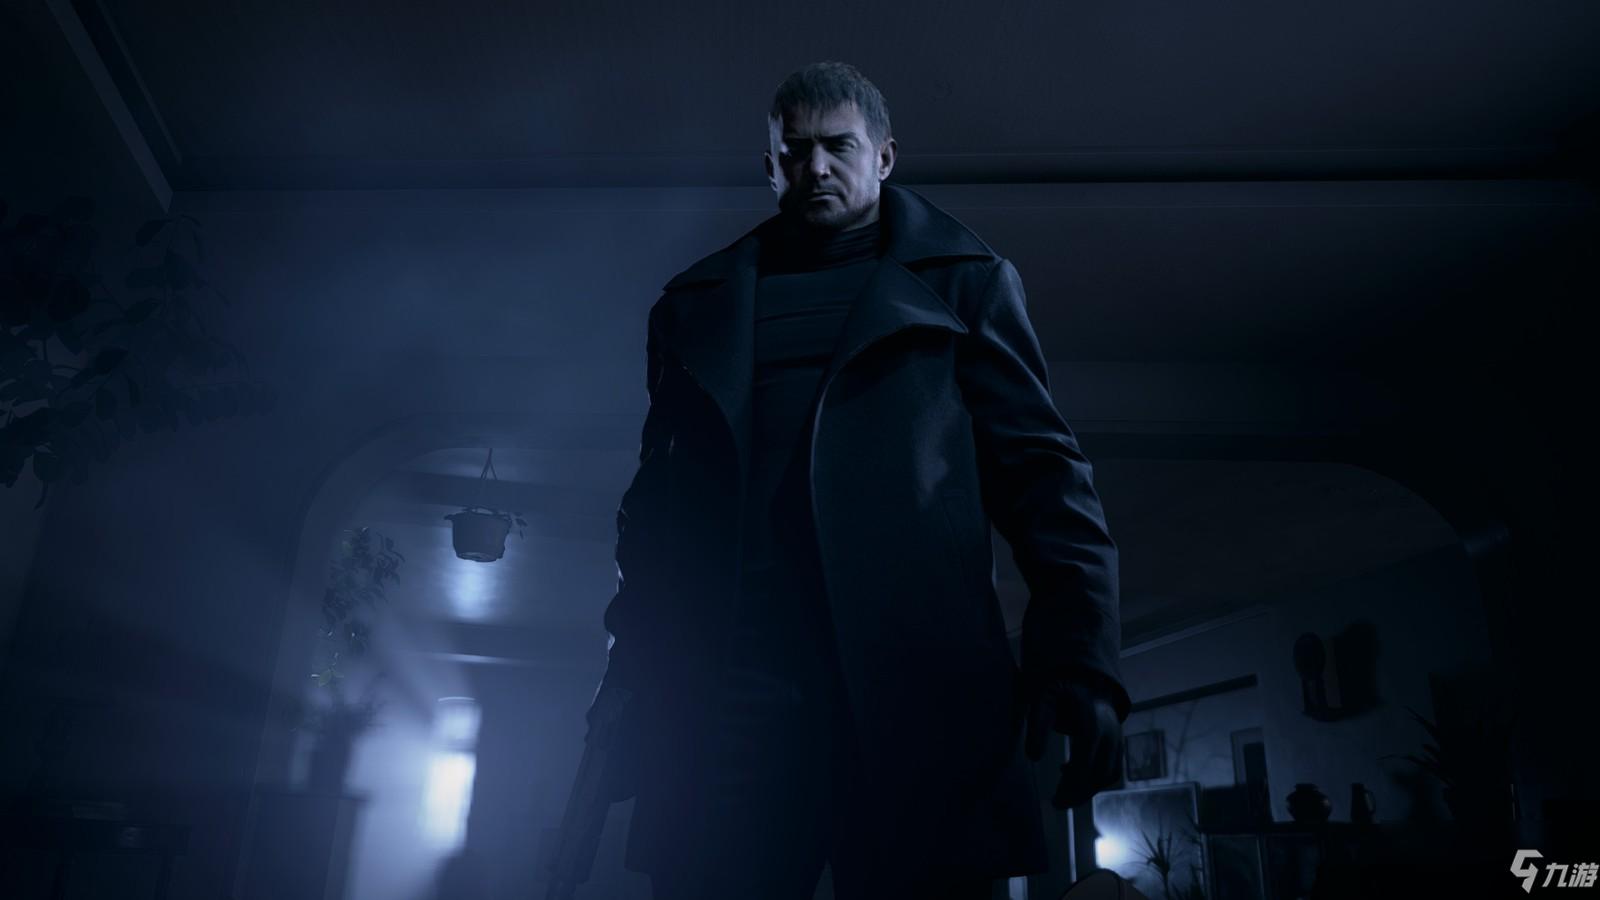 《生化危机8》Steam版已解锁 售价396元支持中文